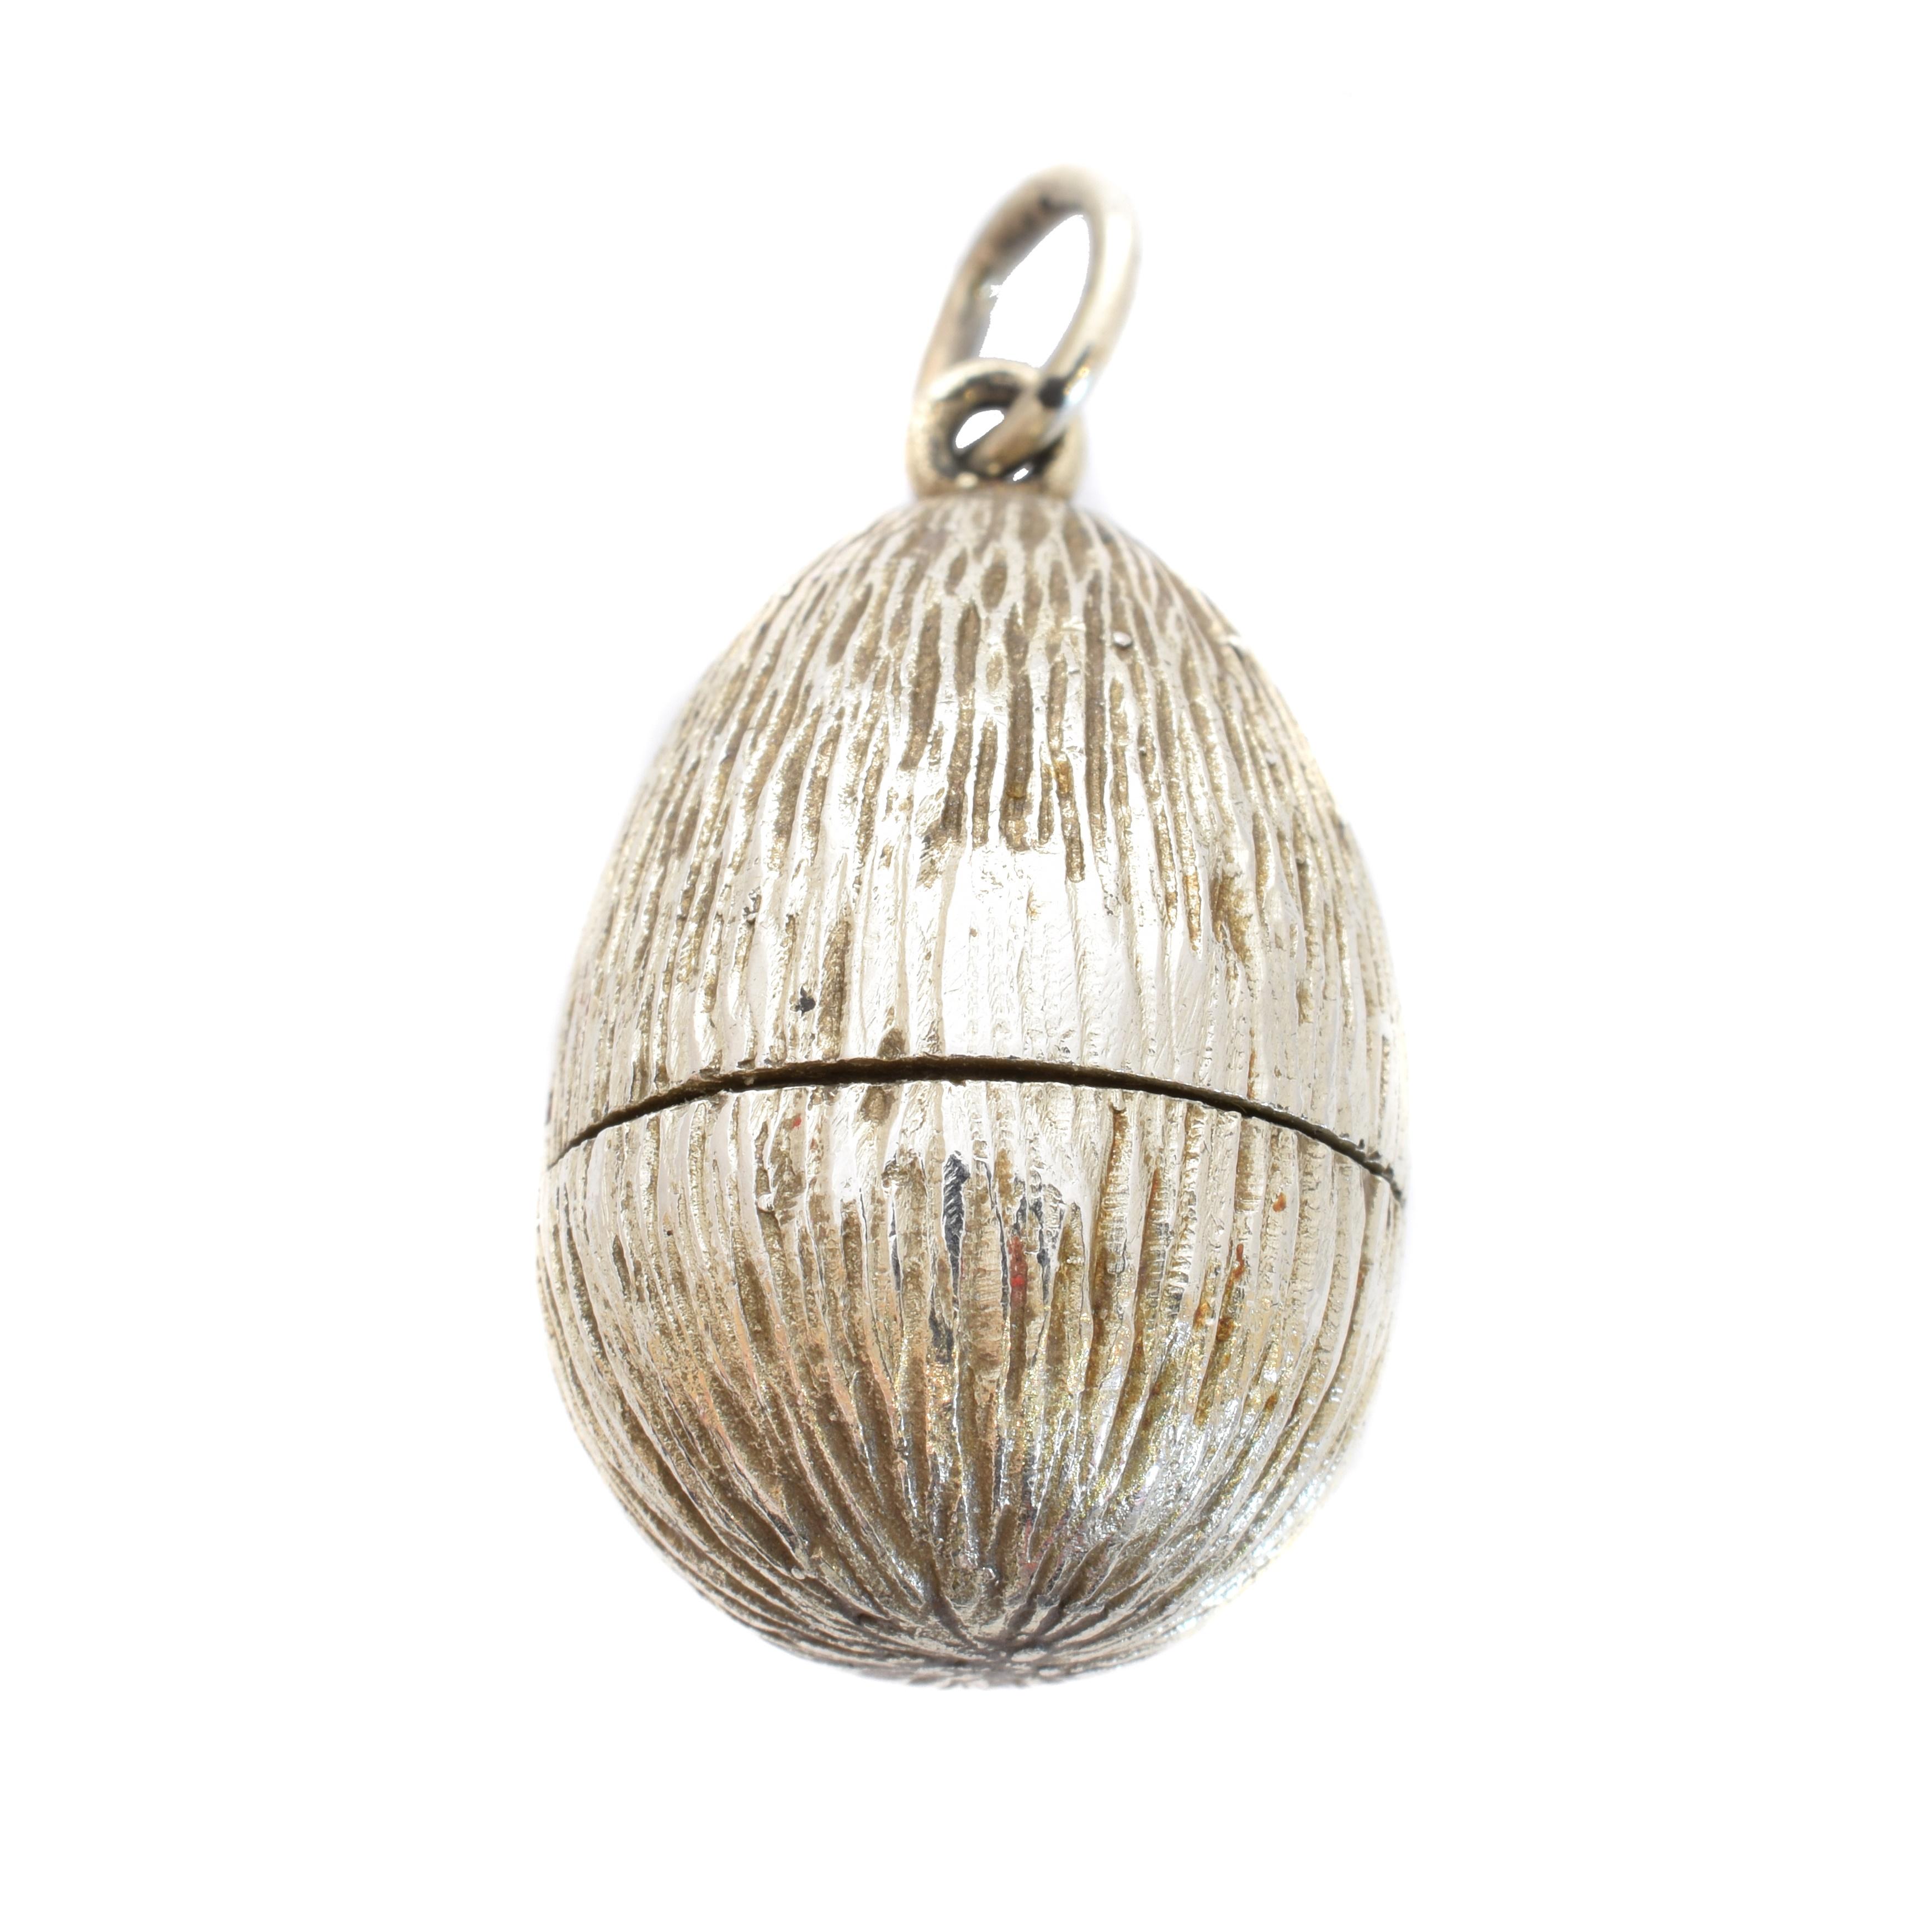 Stuart Devlin Silver Easter Egg Pendant